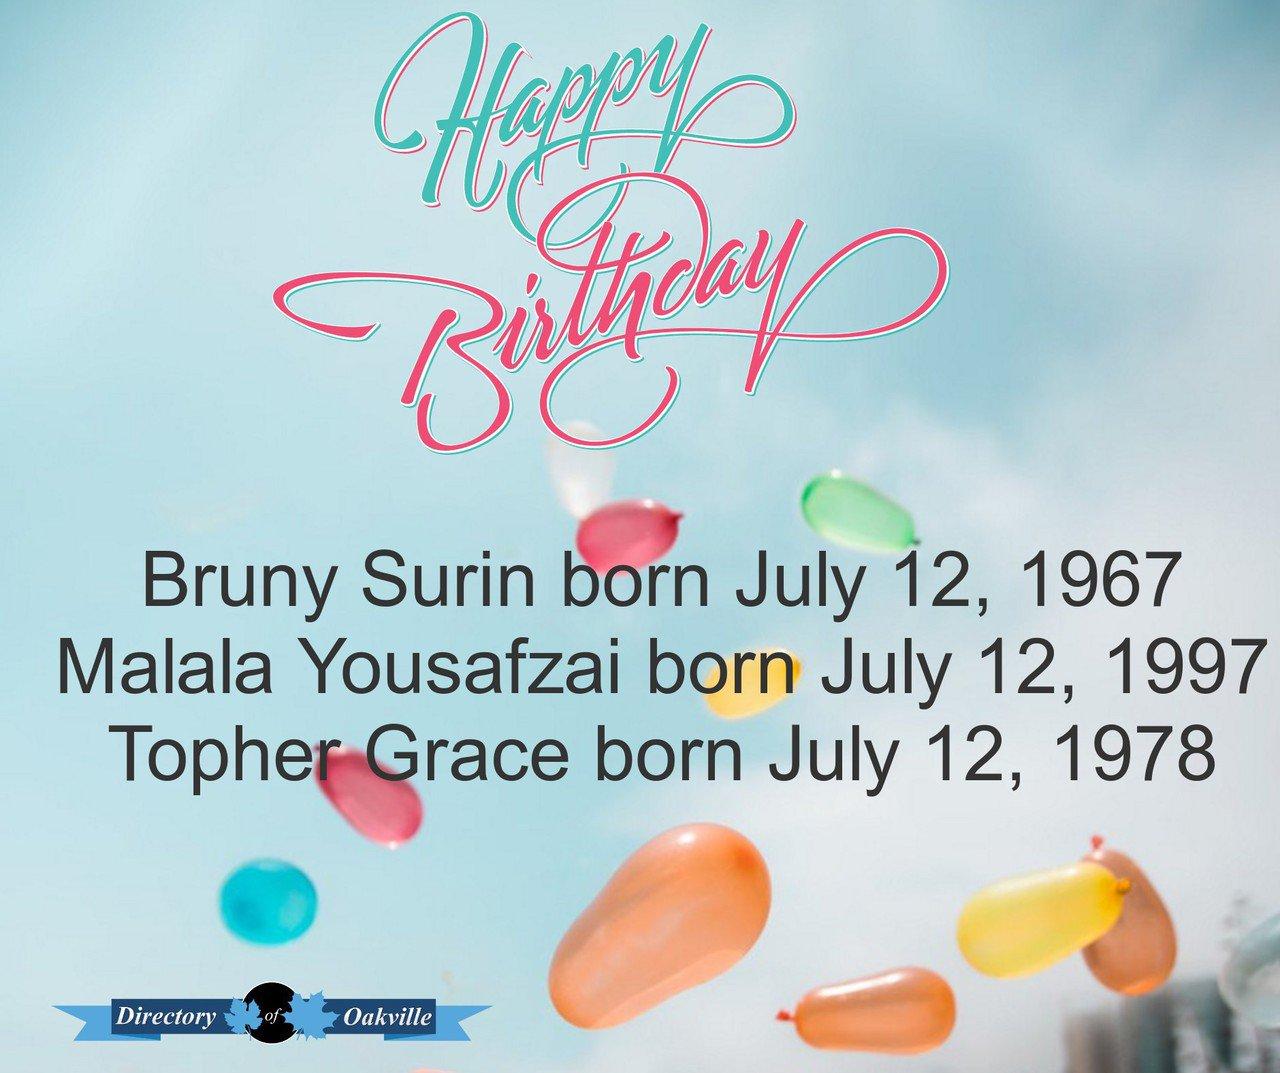 Happy Birthday! Bruny Surin born July 12, 1967 Malala Yousafzai born July 12, 1997 Topher Grace born July 12, 1978